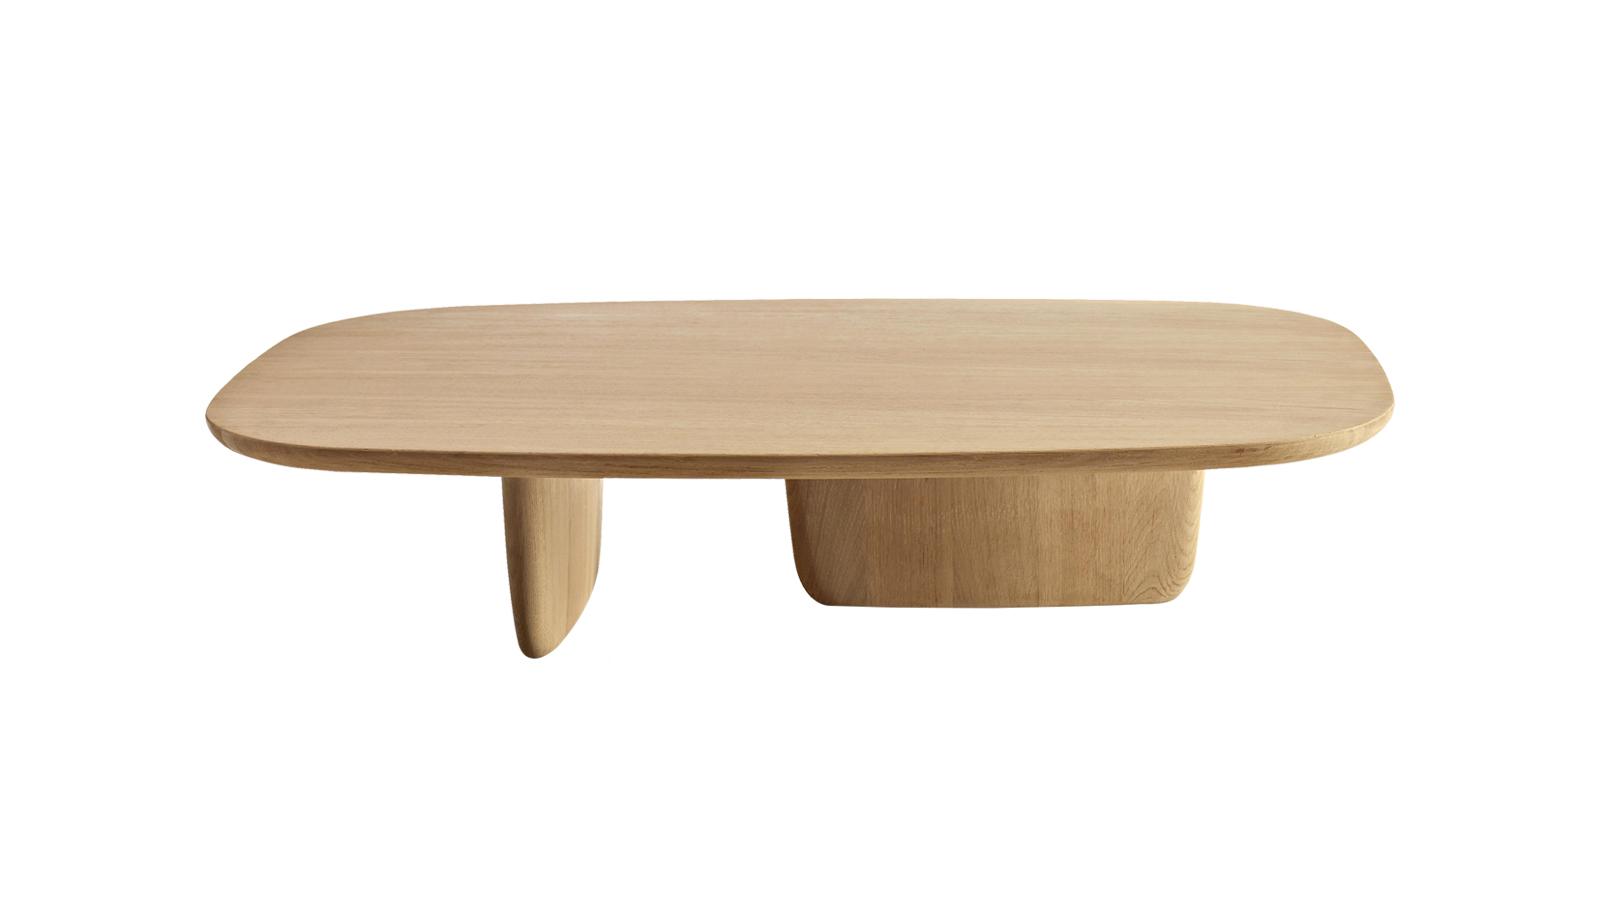 A nyugalom, az összhang, a boldogság – avagy a zen inspirálta a szobrászi Tobi-Ishi asztalokat. Nem véletlen, hogy a japán kertekben található íves, lapos kövekről kapta a nevét. A fa anyag és a légies, lekerekített formák tökéletes összhangban állnak egymással, így meghitt atmoszférát alakítanak ki a nappaliban.